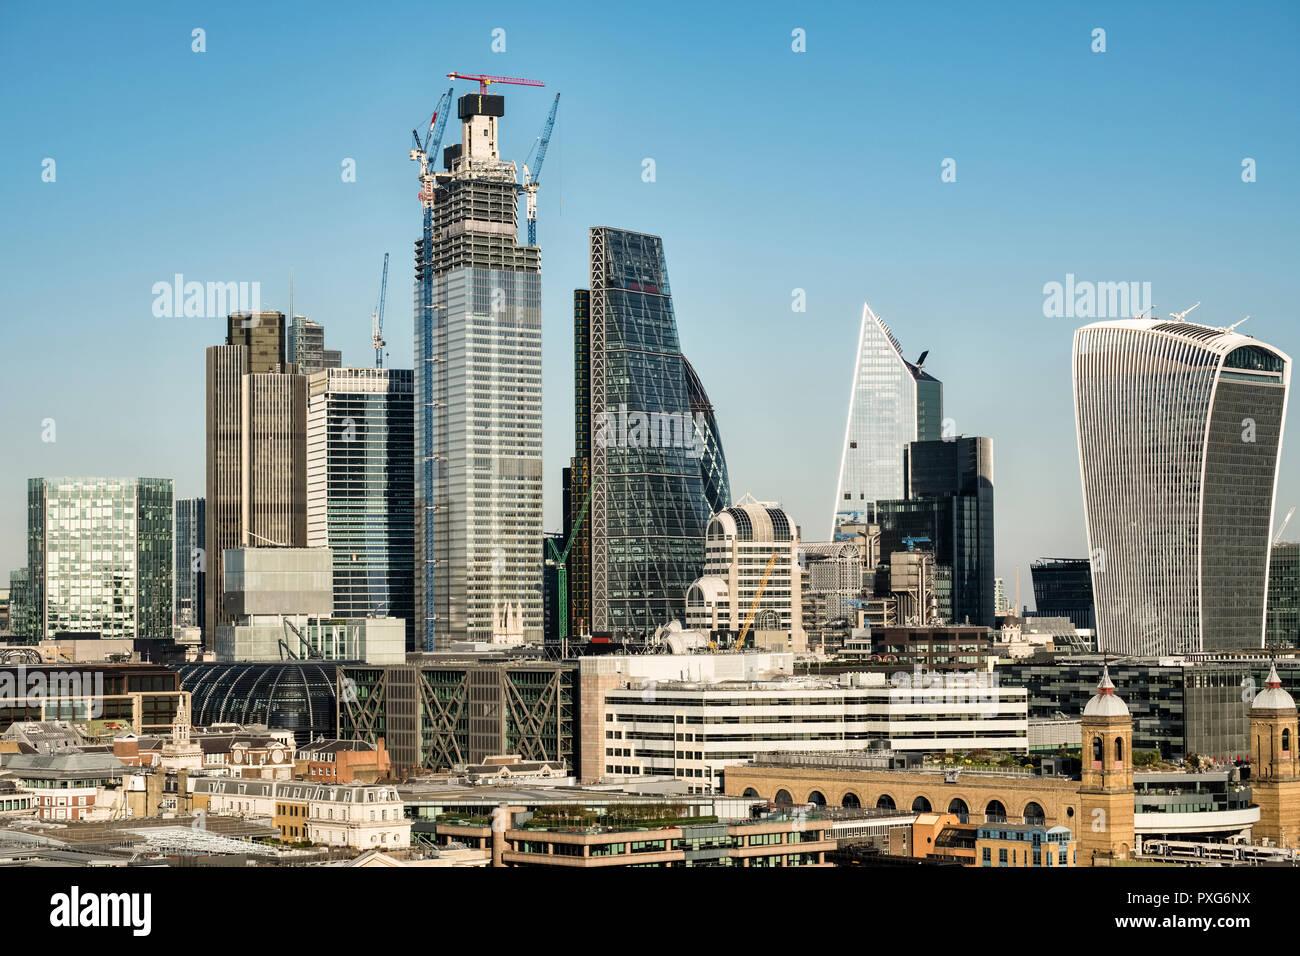 London, Großbritannien. Blick von der obersten Etage des Tate Modern Gallery auf Bankside, high-rise Office Gebäude im Finanzdistrikt der Stadt Stockbild